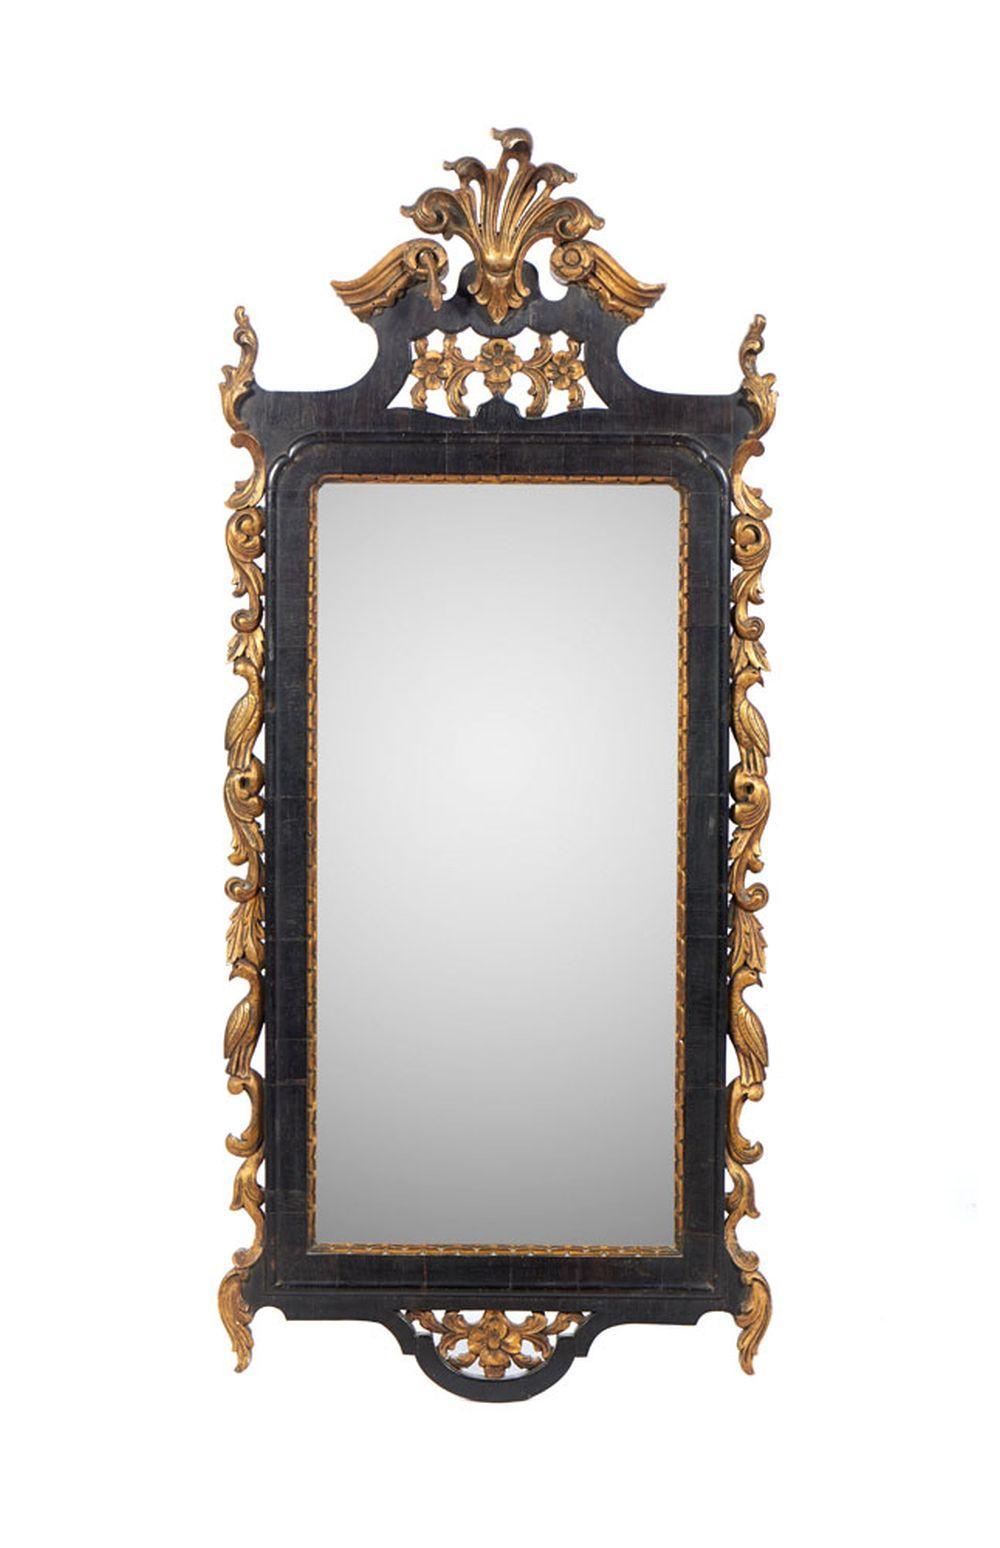 Espelho com moldura em madeira entalhada e dourada